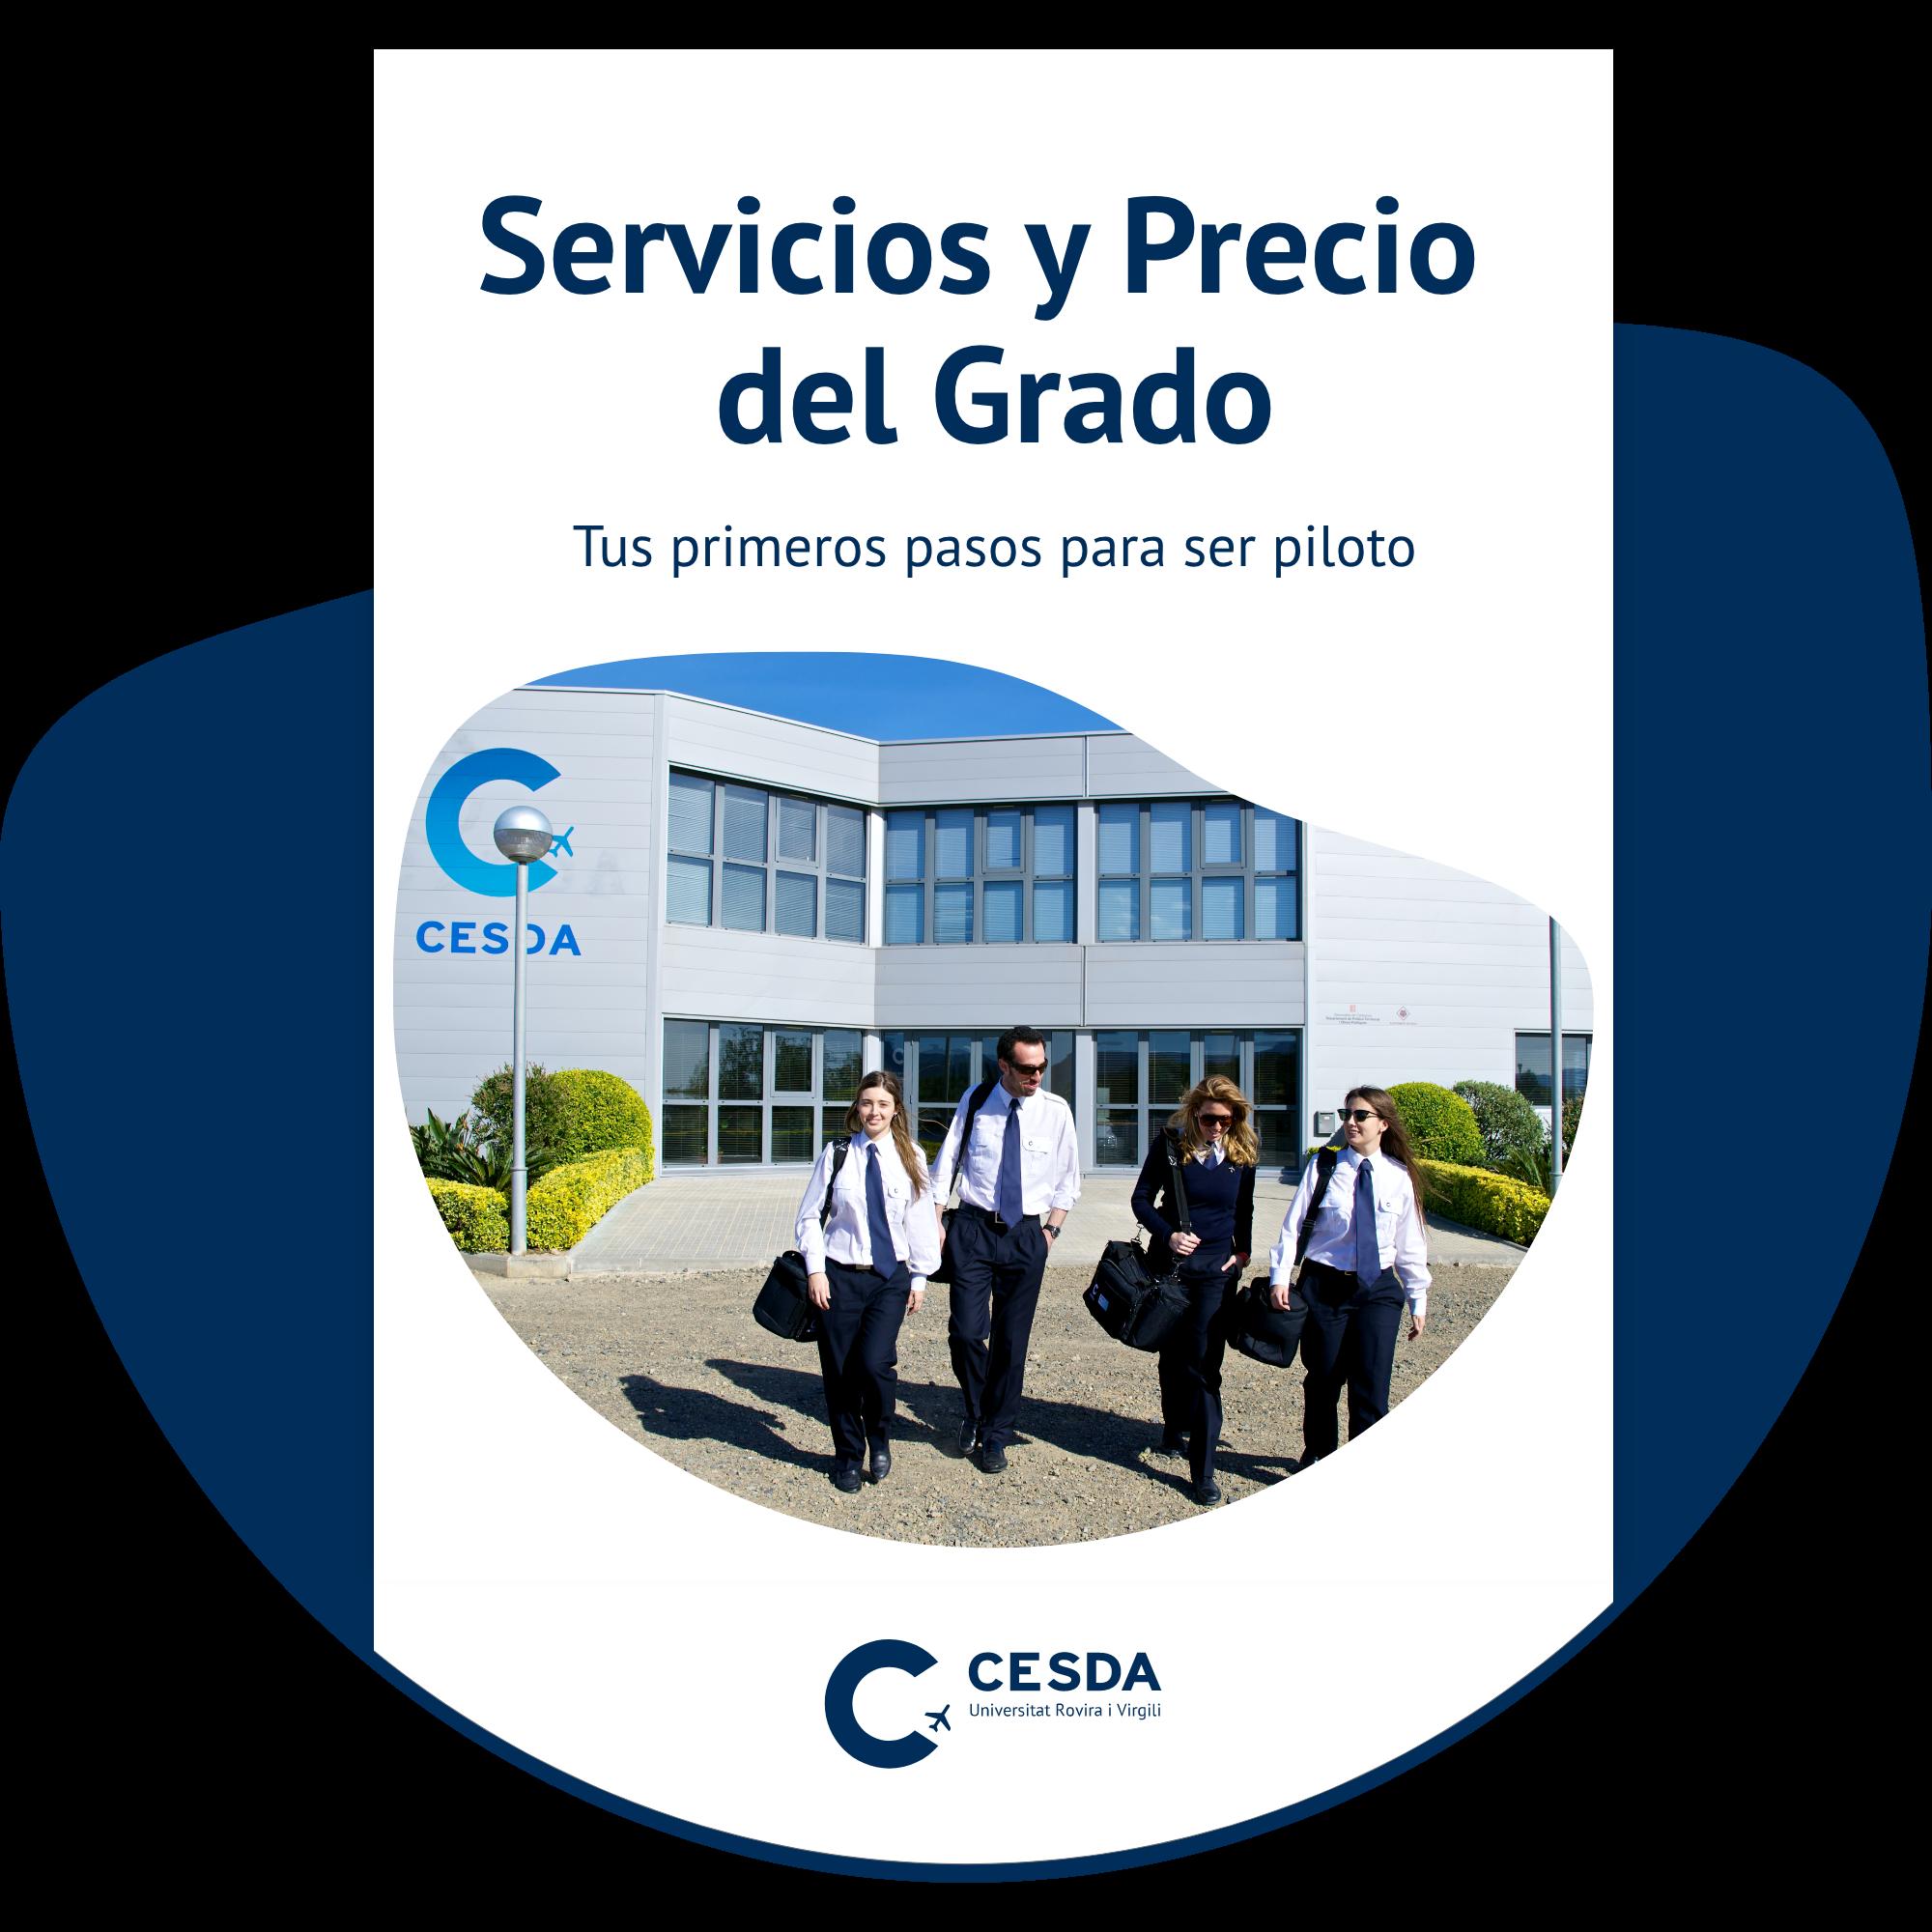 Servicios y Precios del Grado-2